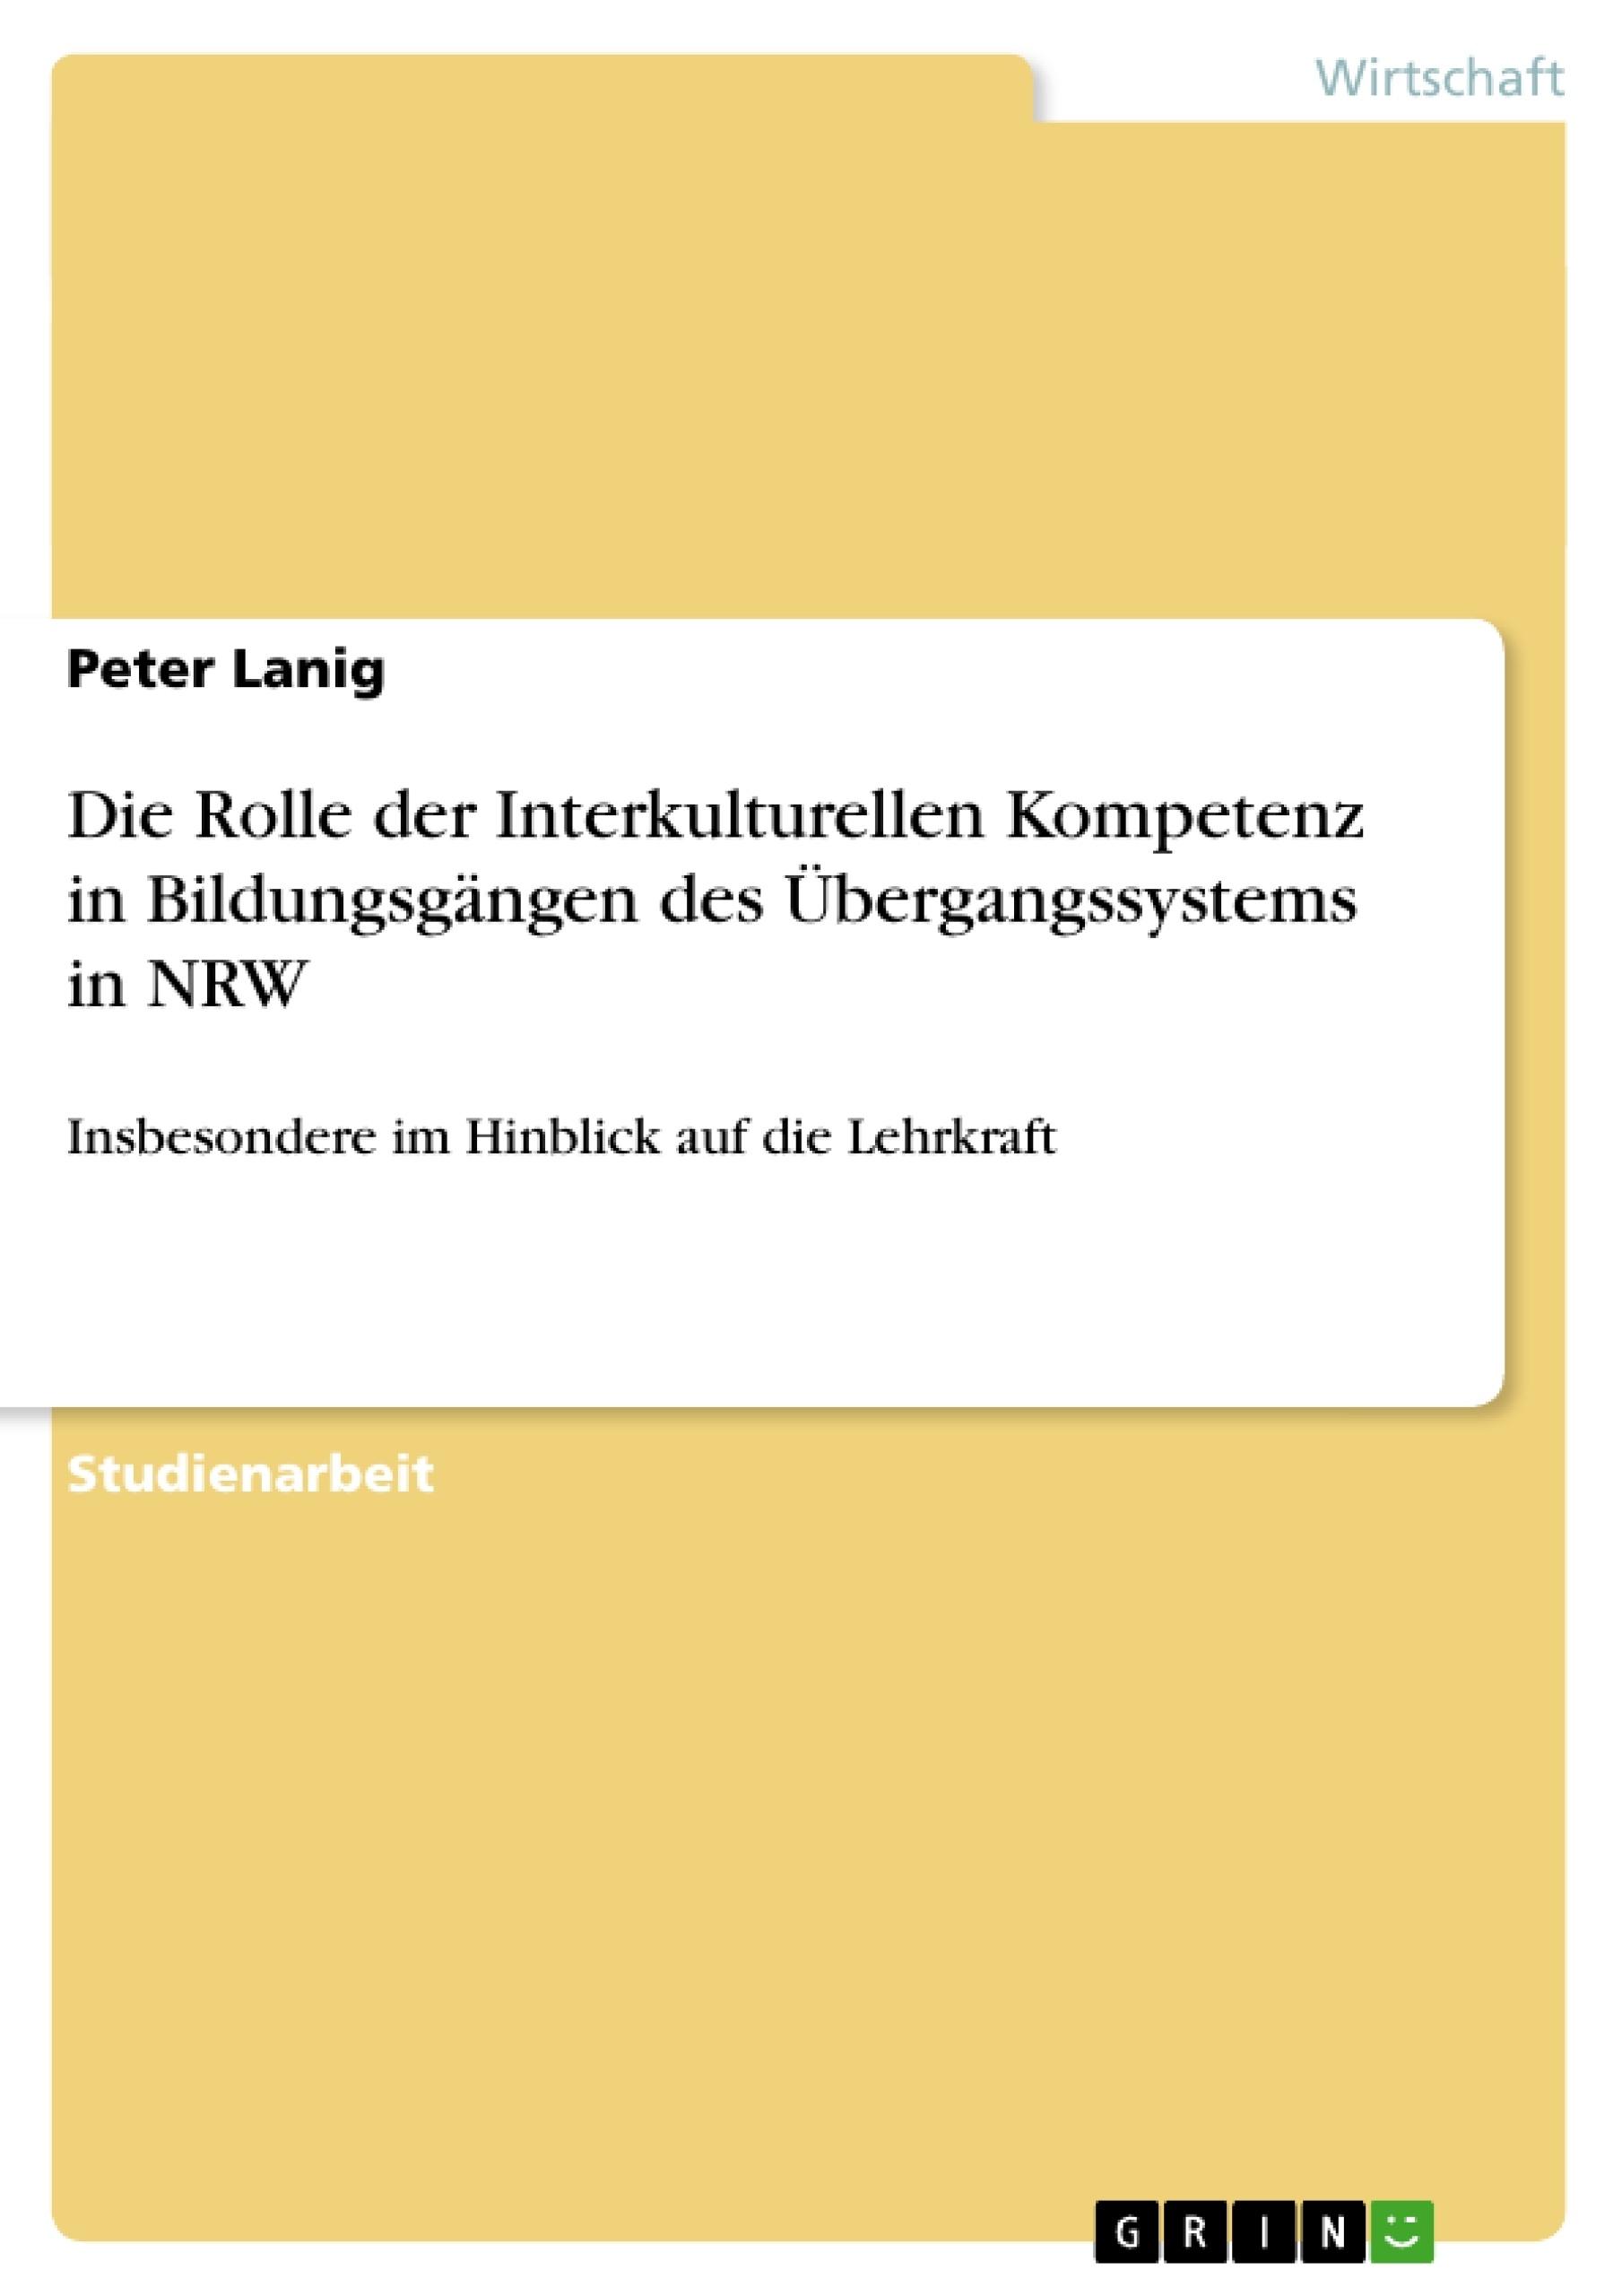 Titel: Die Rolle der Interkulturellen Kompetenz in Bildungsgängen des Übergangssystems in NRW